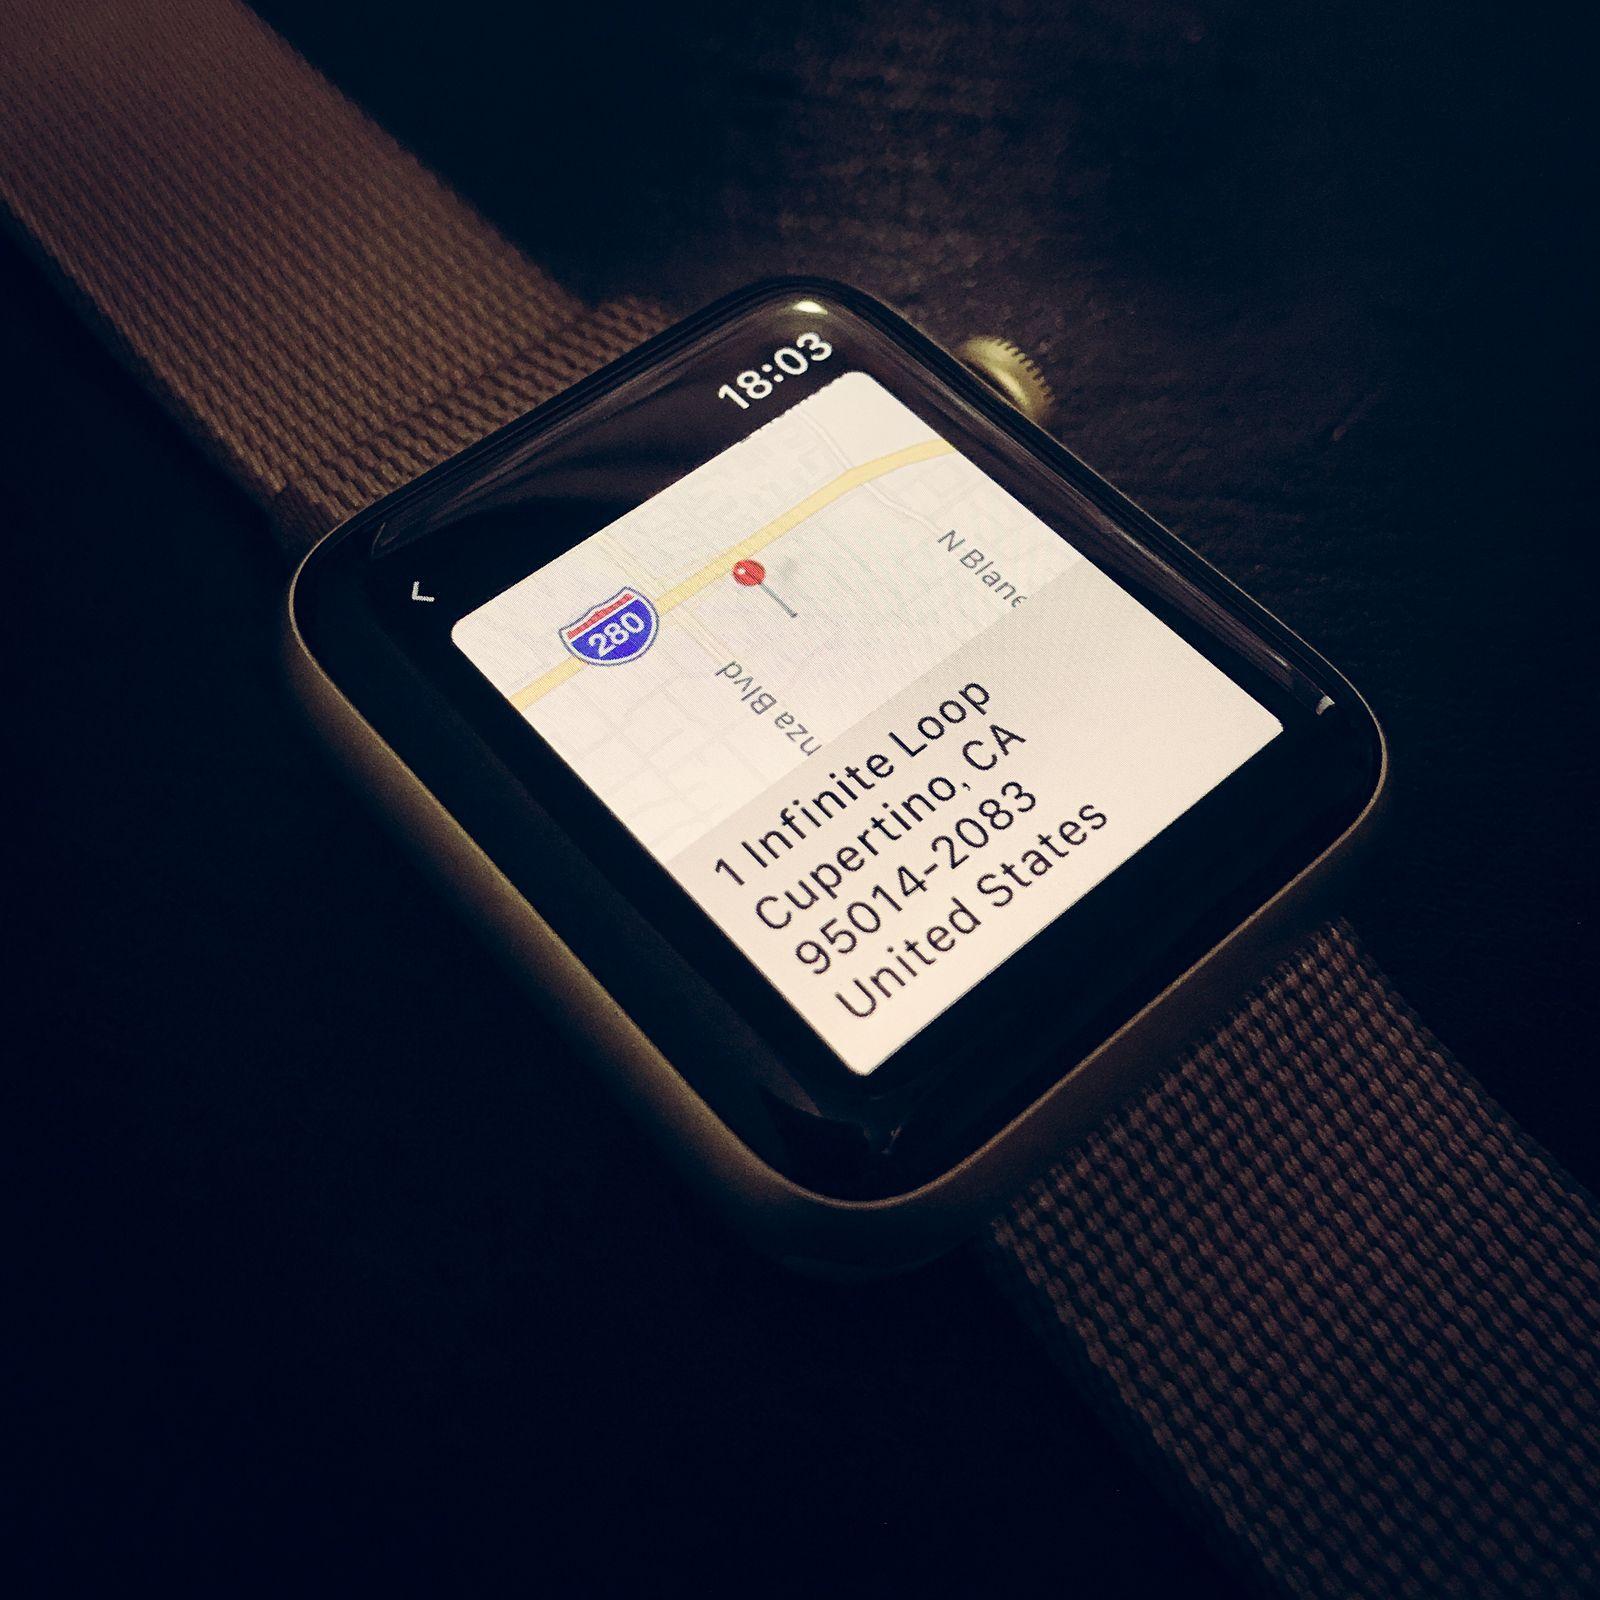 Apple Watch ワークアウト結果に経路が表示されないケースの対処法 ケース ワークアウト 結果